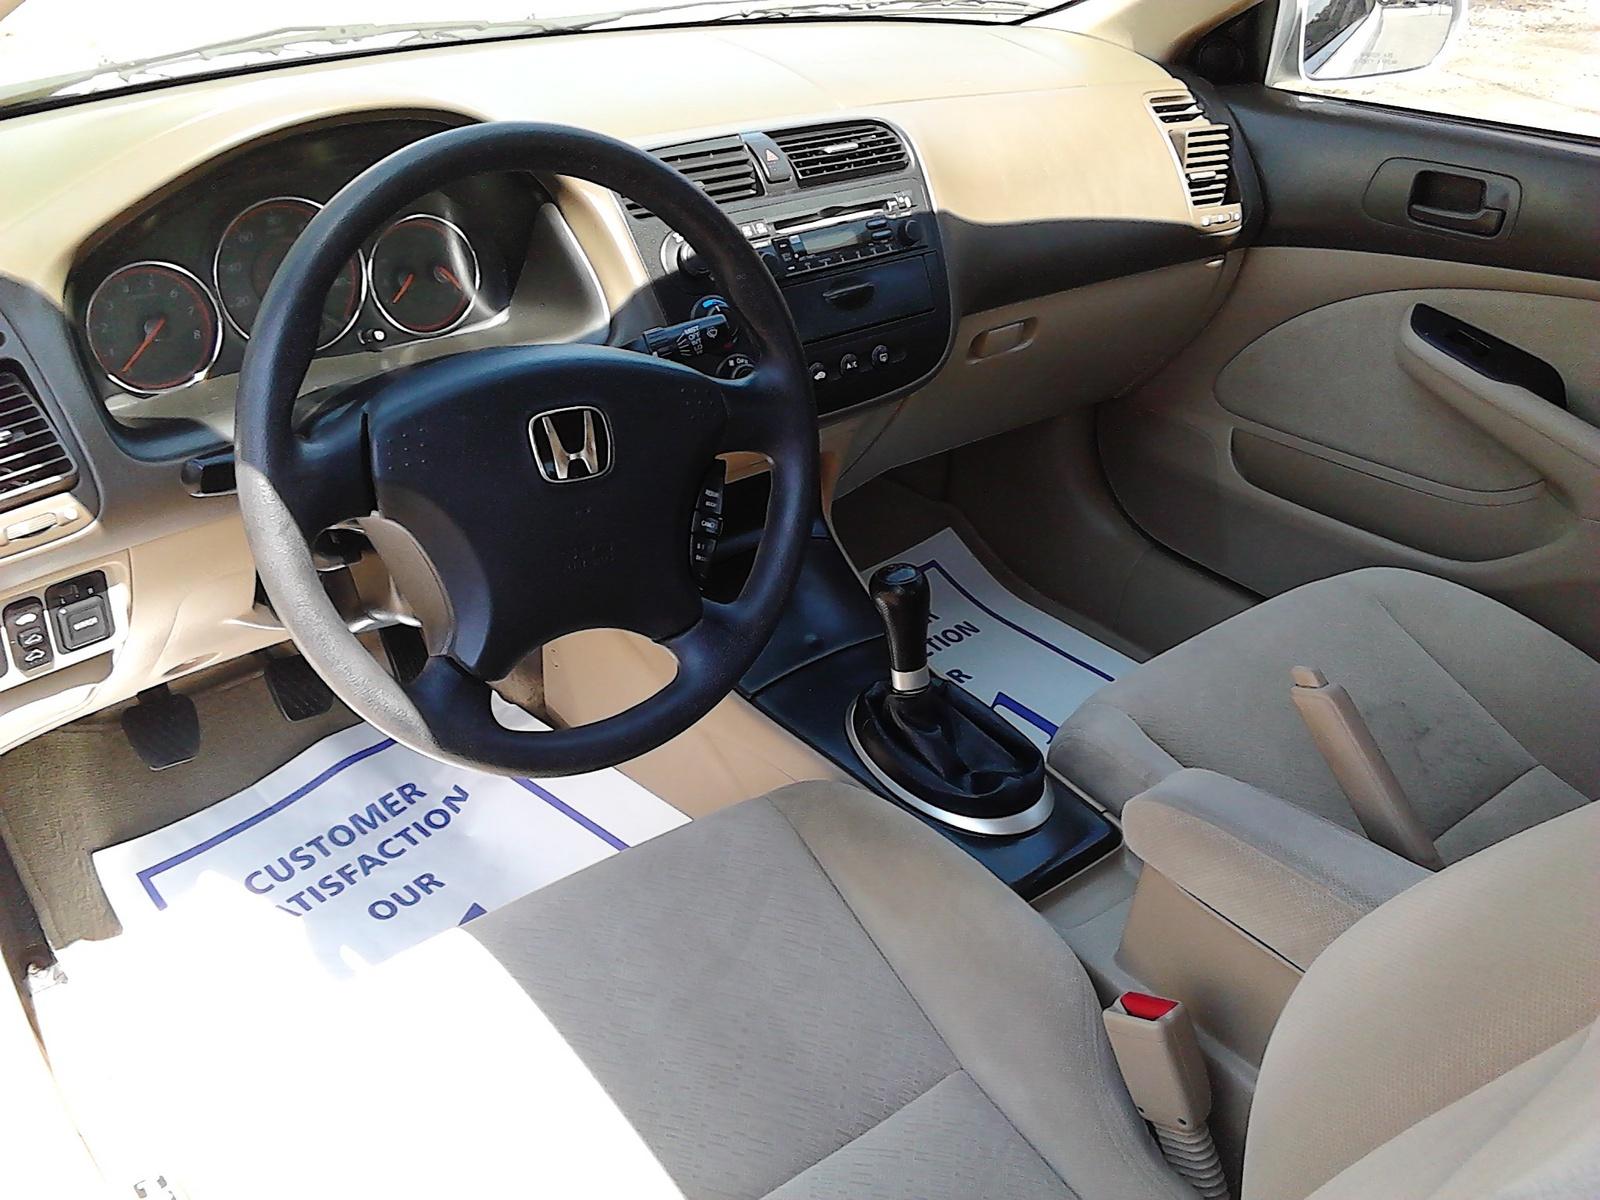 2004 honda civic ex interior car interior design for 2004 honda civic ex coupe interior